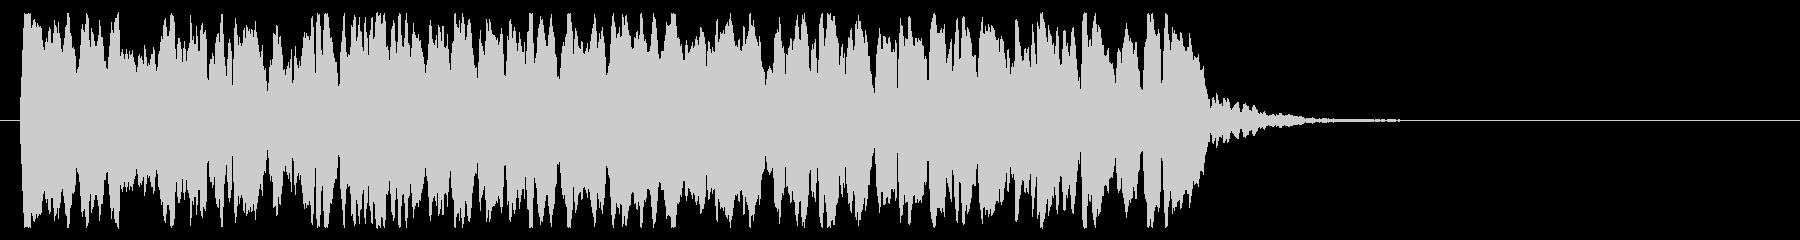 8bitパワーU-D-01-5_revの未再生の波形